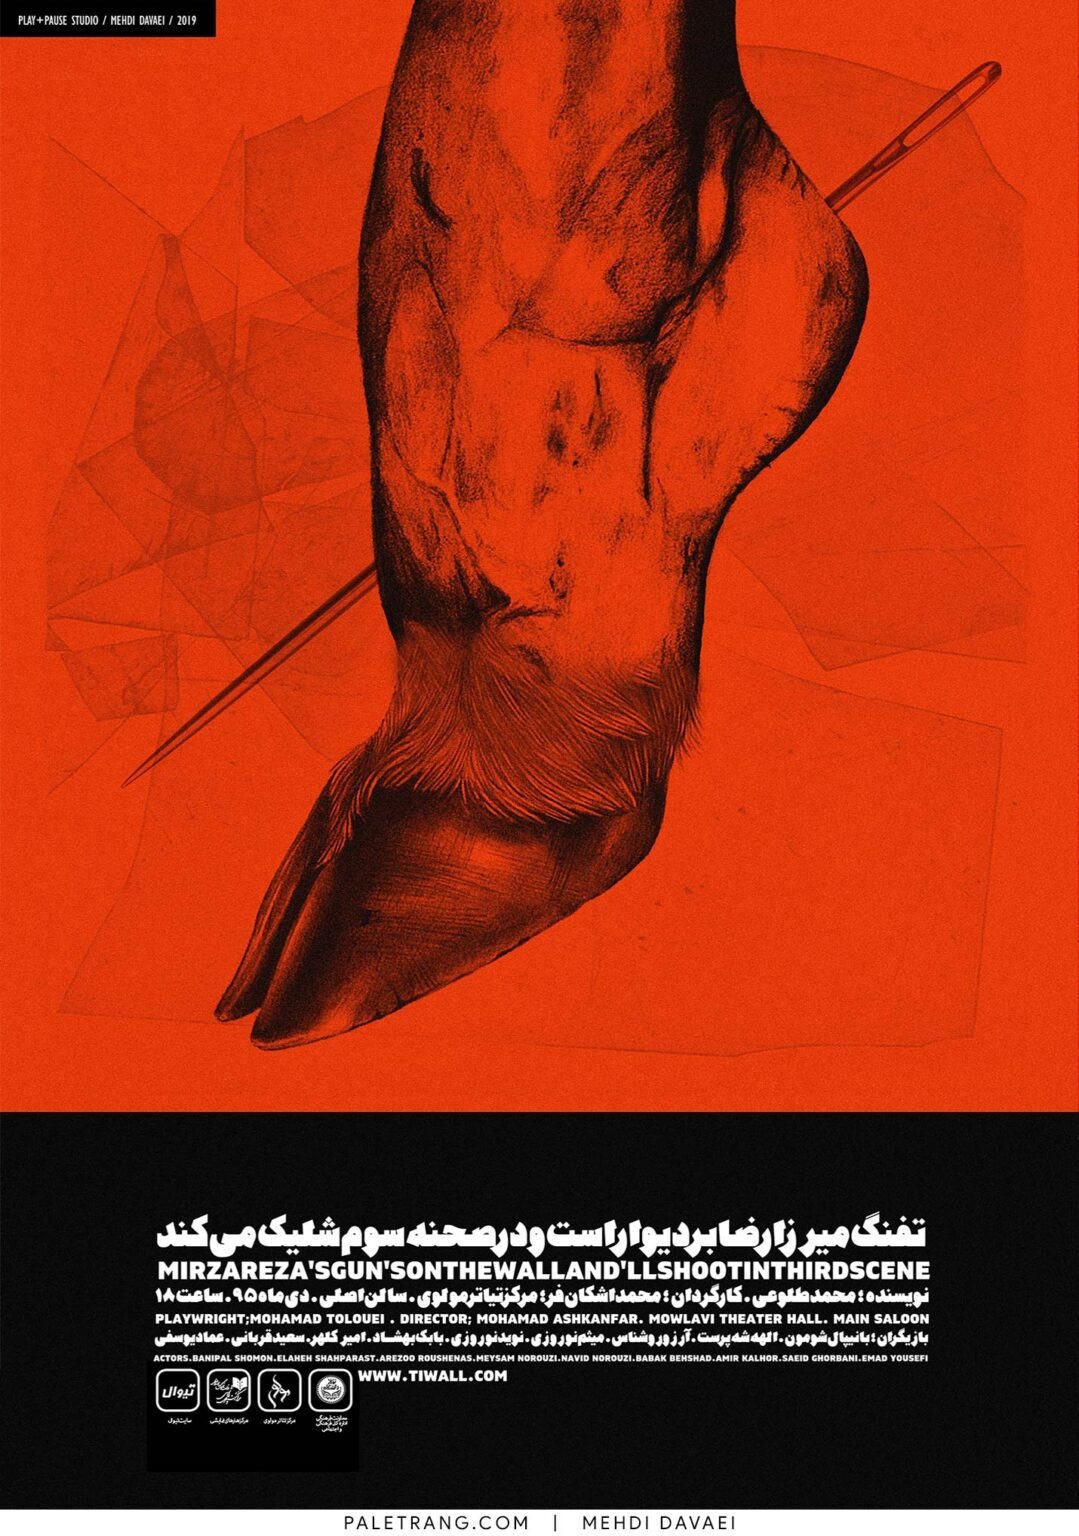 نمایش نمایش تفنگ میرزا رضا بر دیوار است و در صحنه شلیک میکند